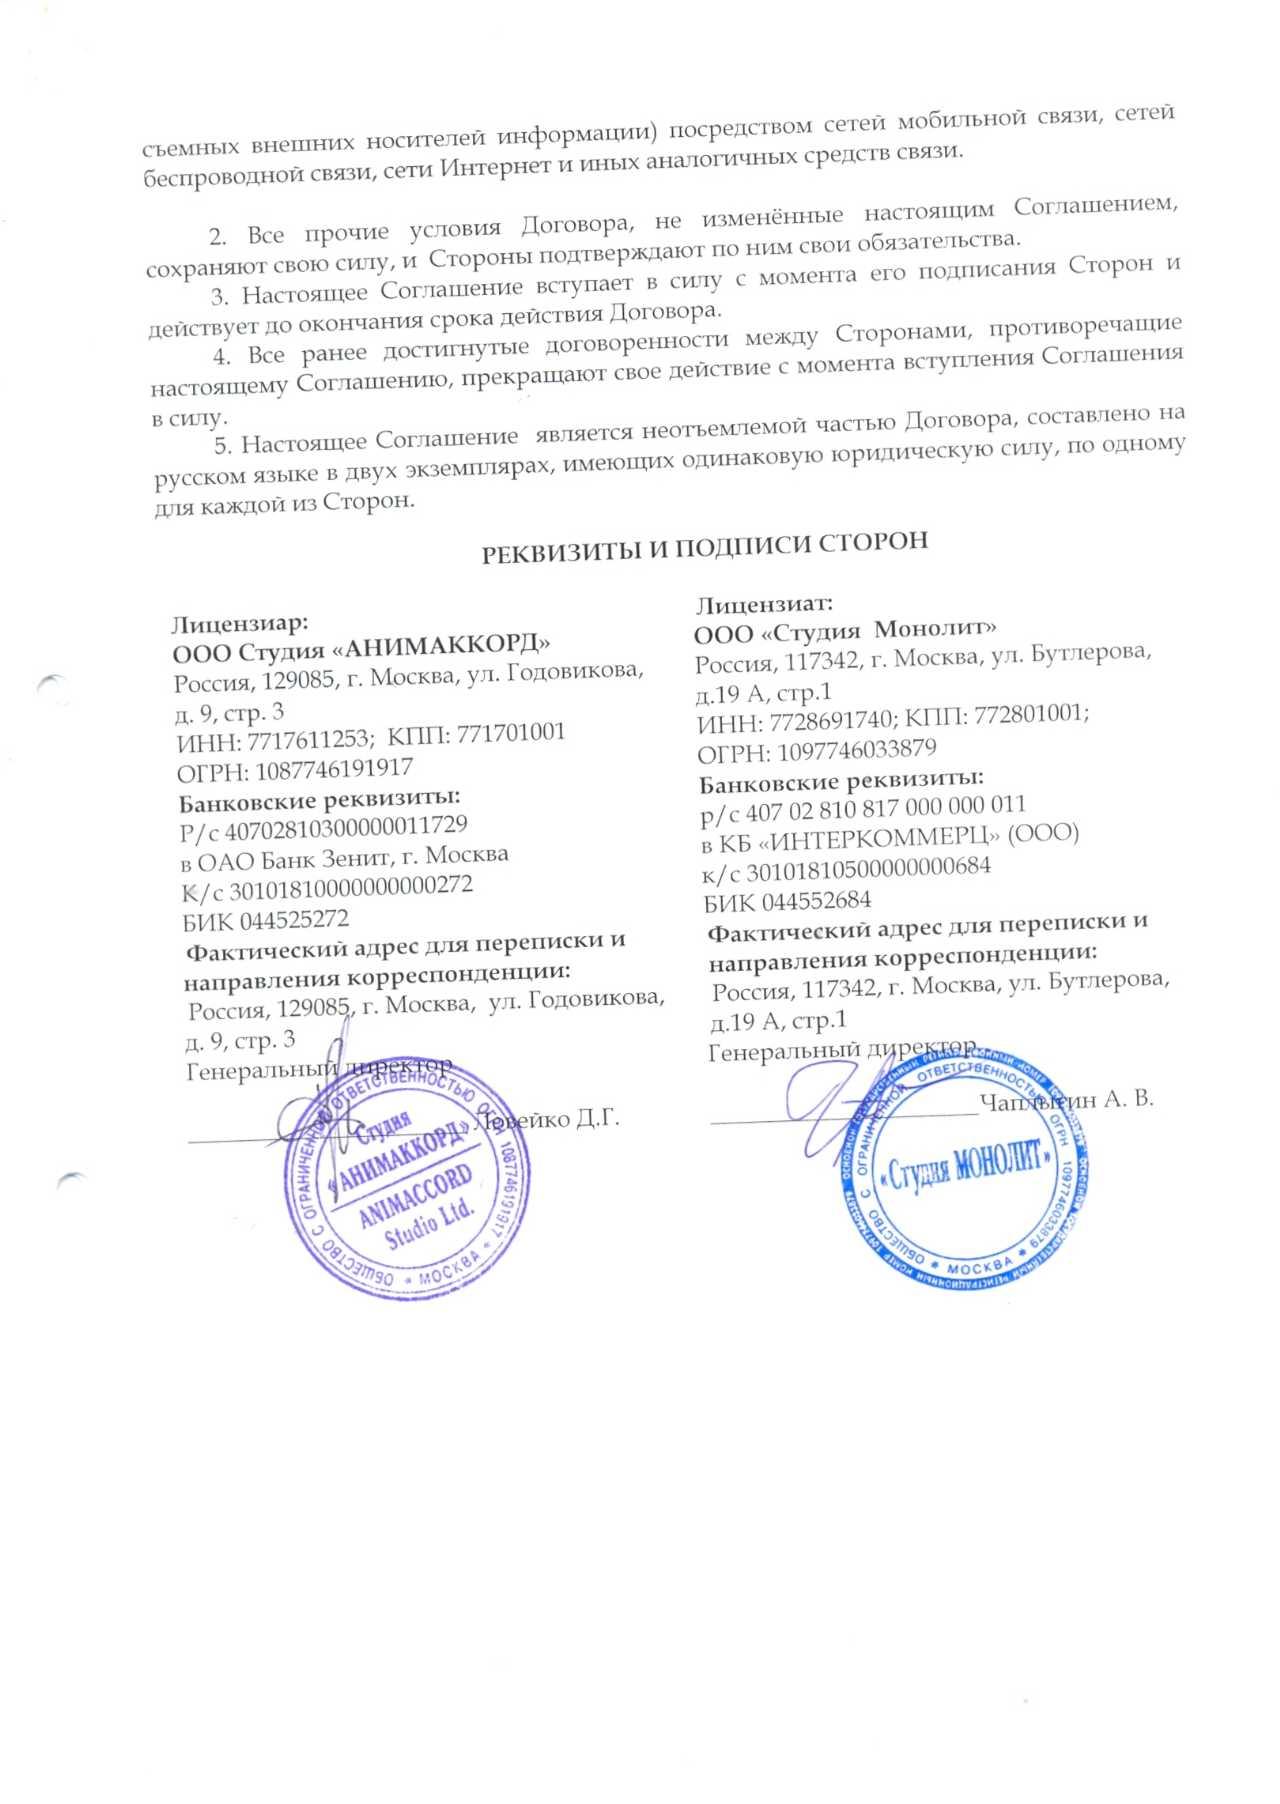 образец лицензионного договора стр.3